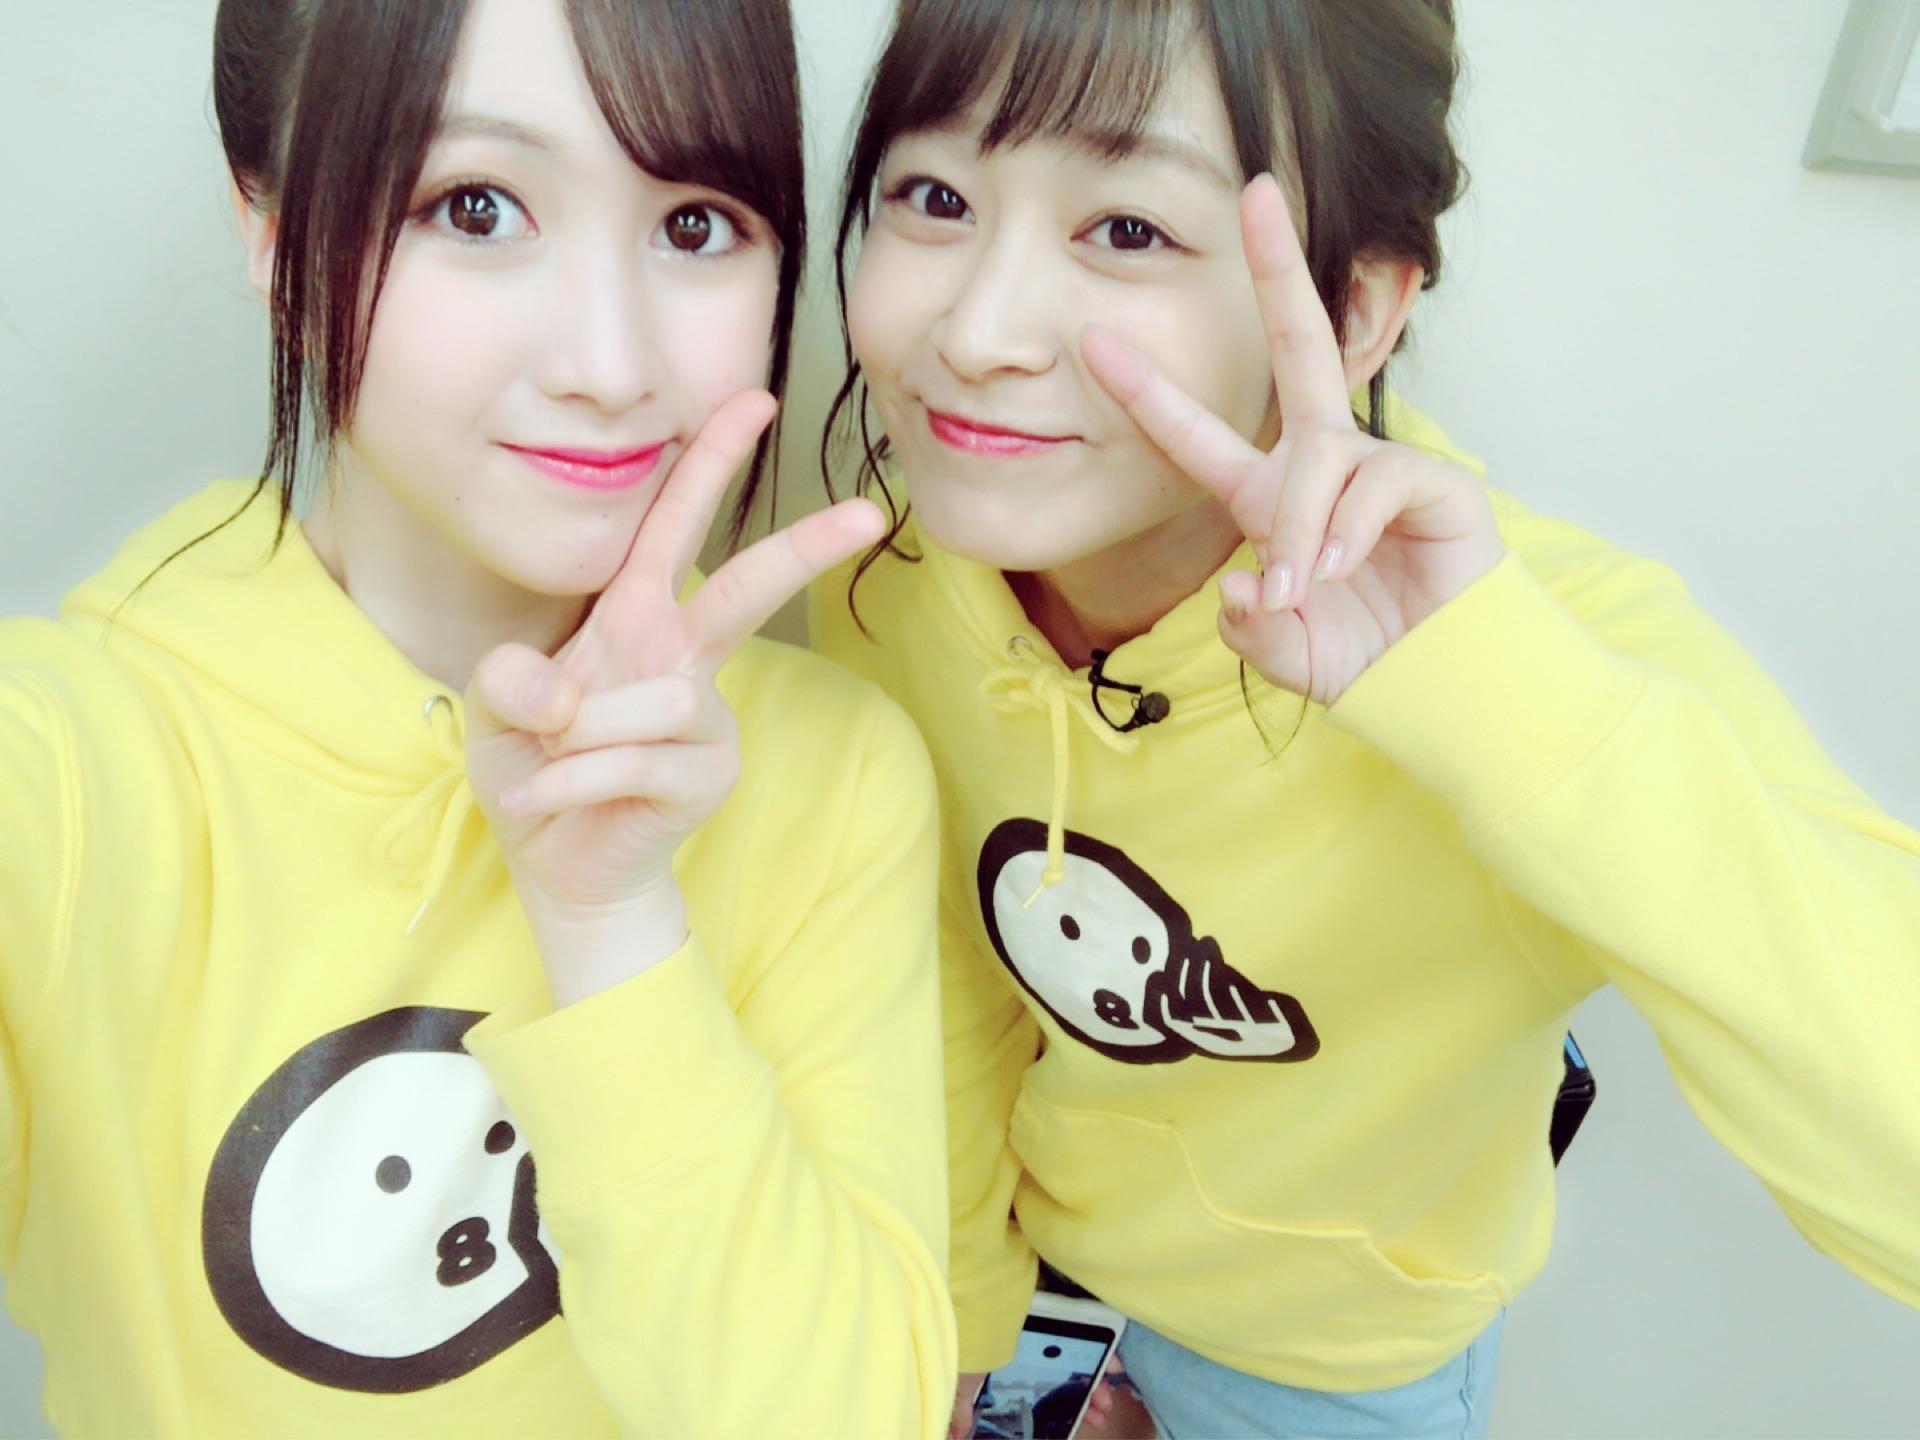 【47の素敵な街へ】AKB48チーム8☆319【本スレ】 YouTube動画>11本 ->画像>164枚